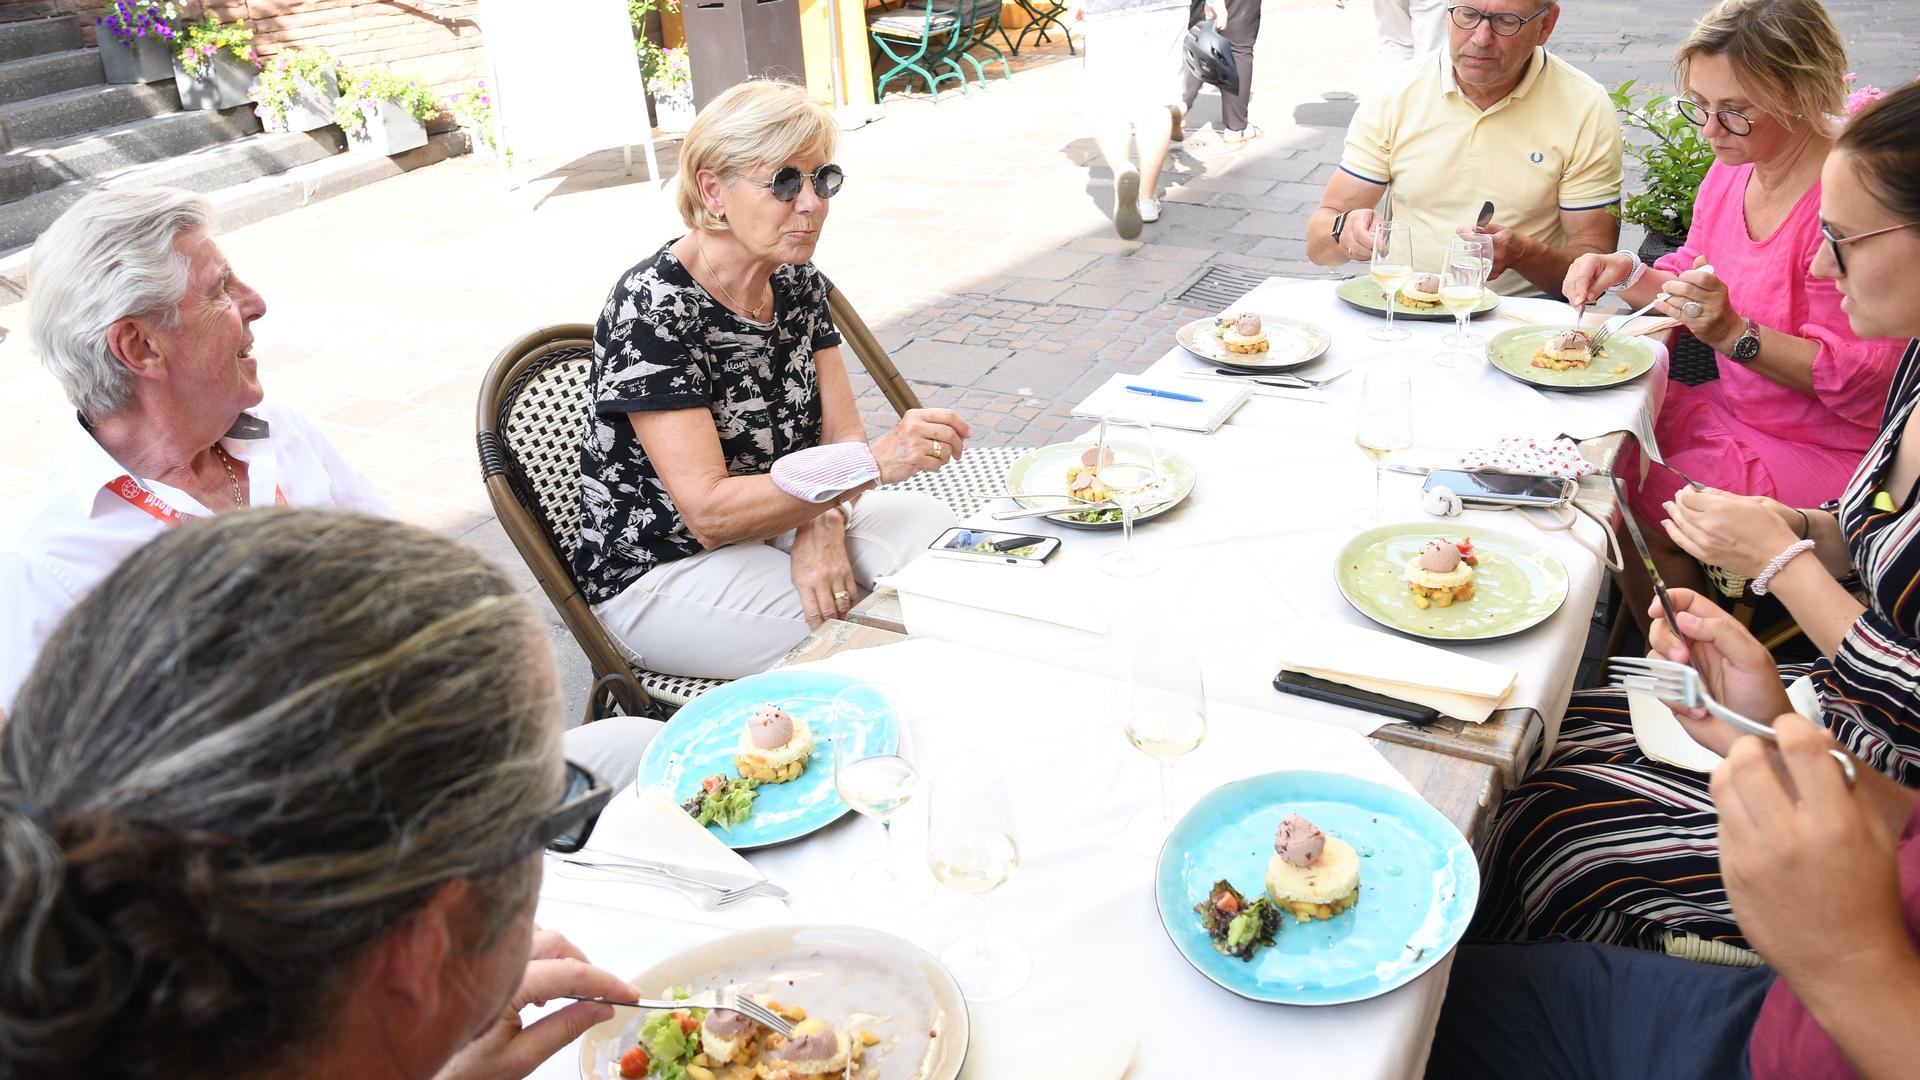 Mehrere Personen sitzen an einem gedeckten Tisch und essen Entenlebermousse und warmen Apfelsalat.